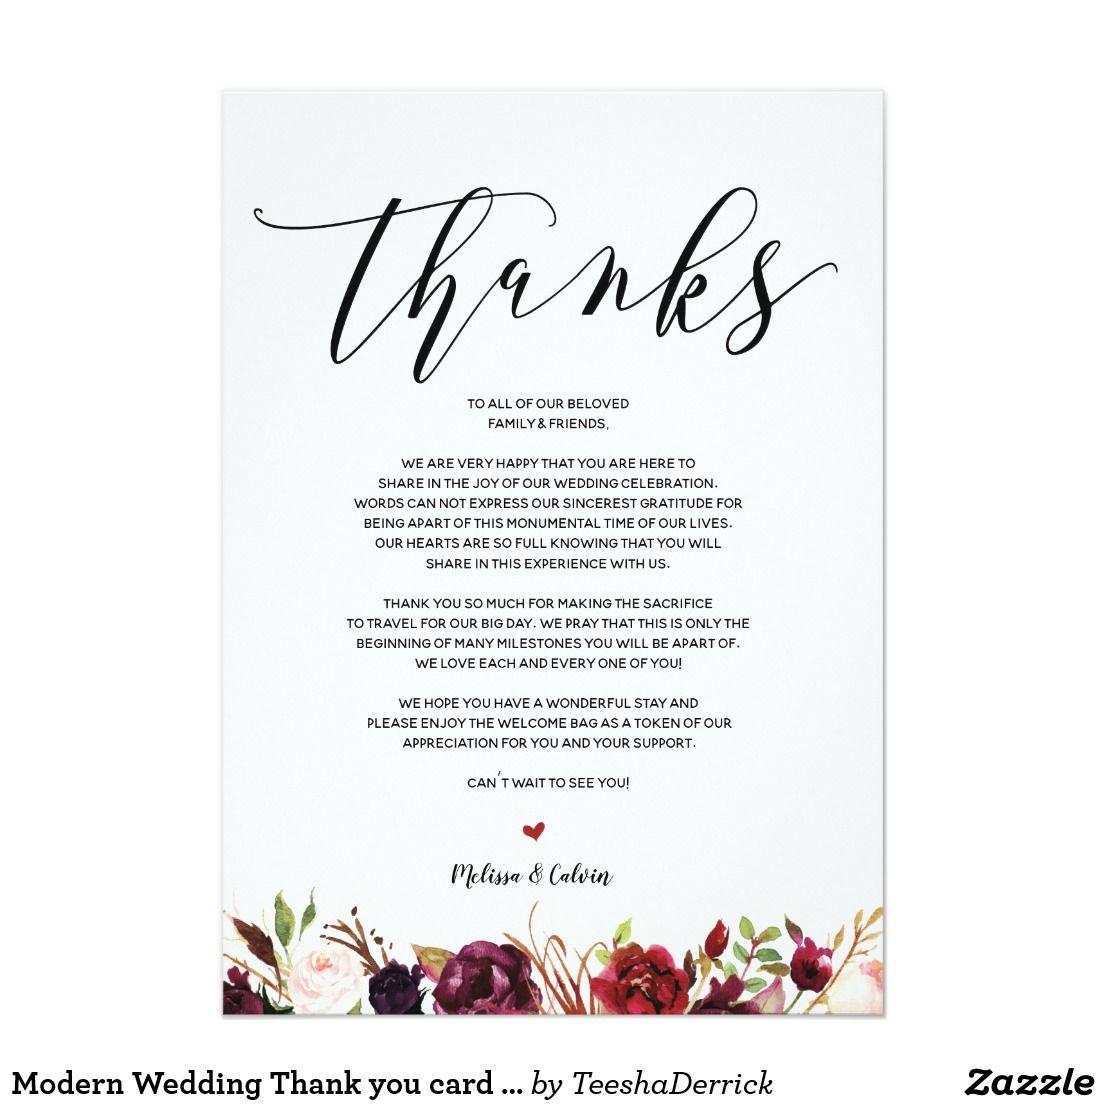 Modern Wedding Thank You Card V1 Zazzle Com Wedding Thank You